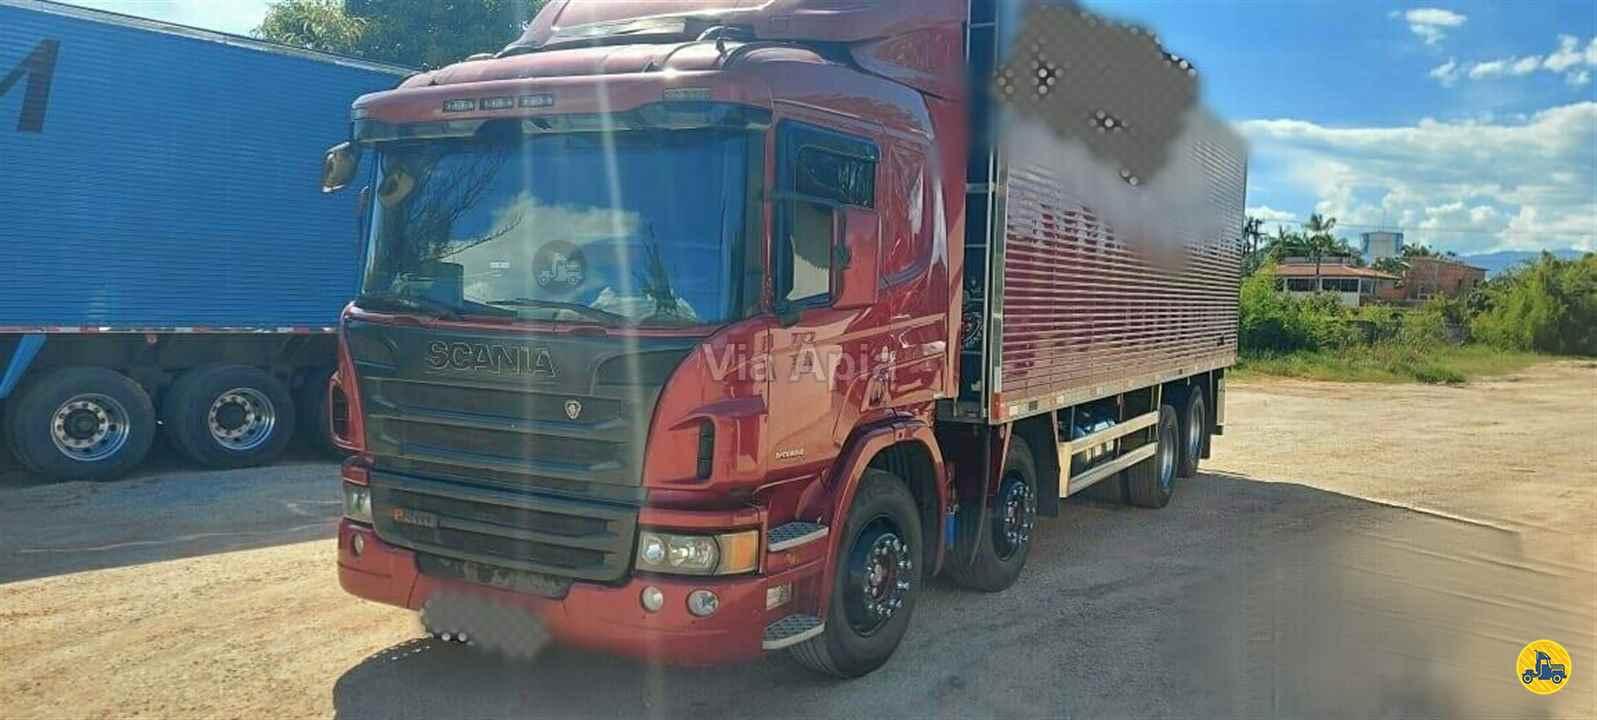 CAMINHAO SCANIA SCANIA P310 Chassis BiTruck 8x2 Via Ápia Caminhões SAO PAULO SÃO PAULO SP